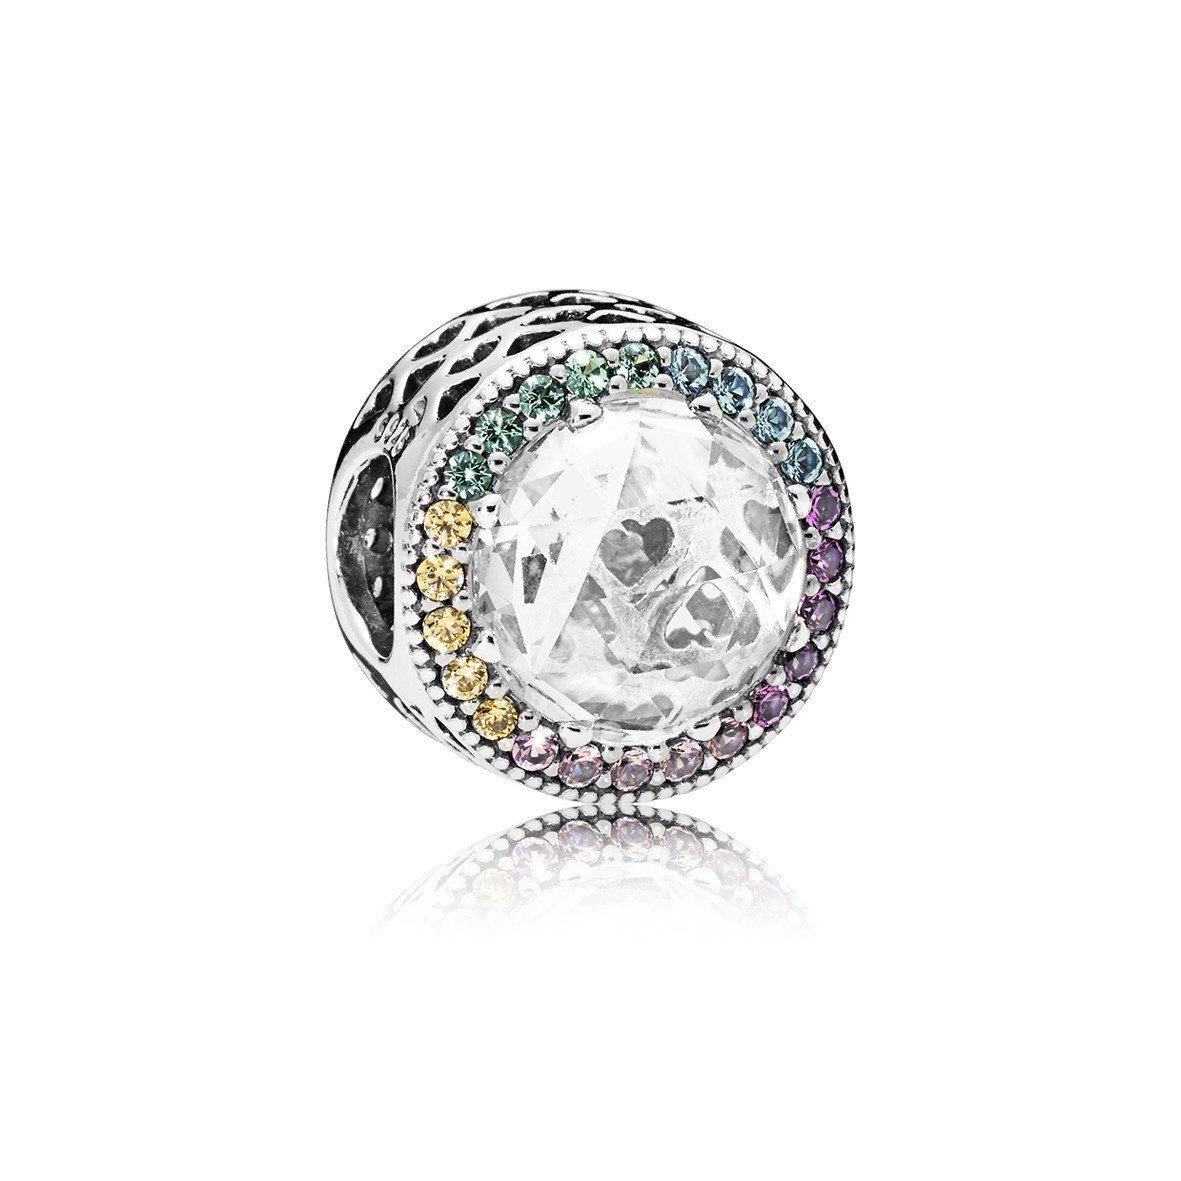 PANDORA 彩虹光暈 925 銀鋯石串飾 ,3,380元。圖/PANDORA...